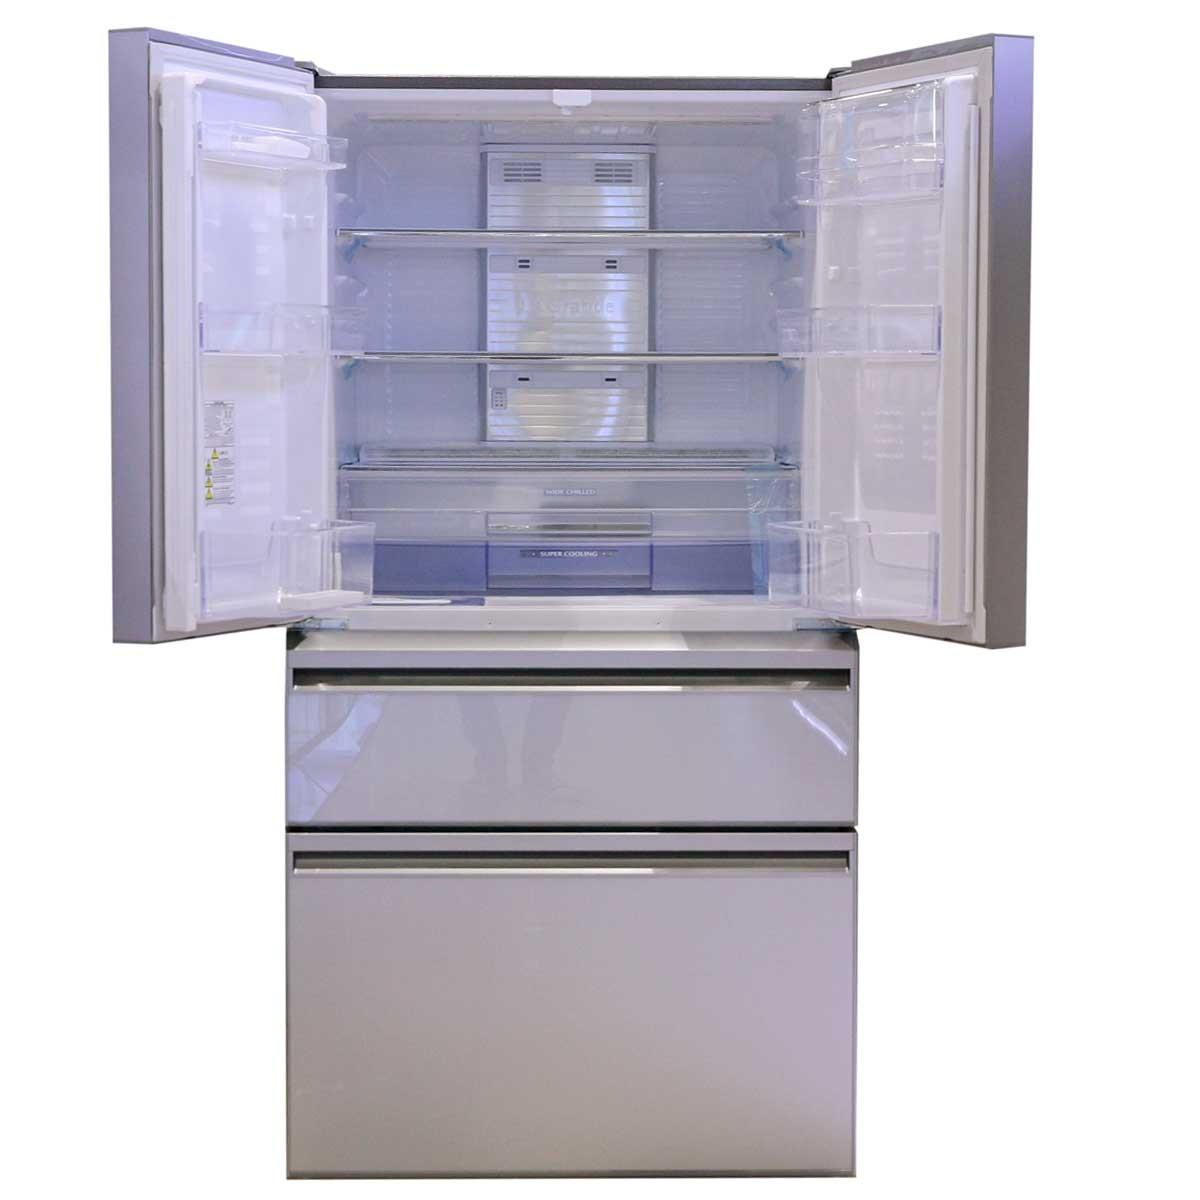 Tủ lạnh Mitsubishi MR-LX68EM 564 lít giá rẻ